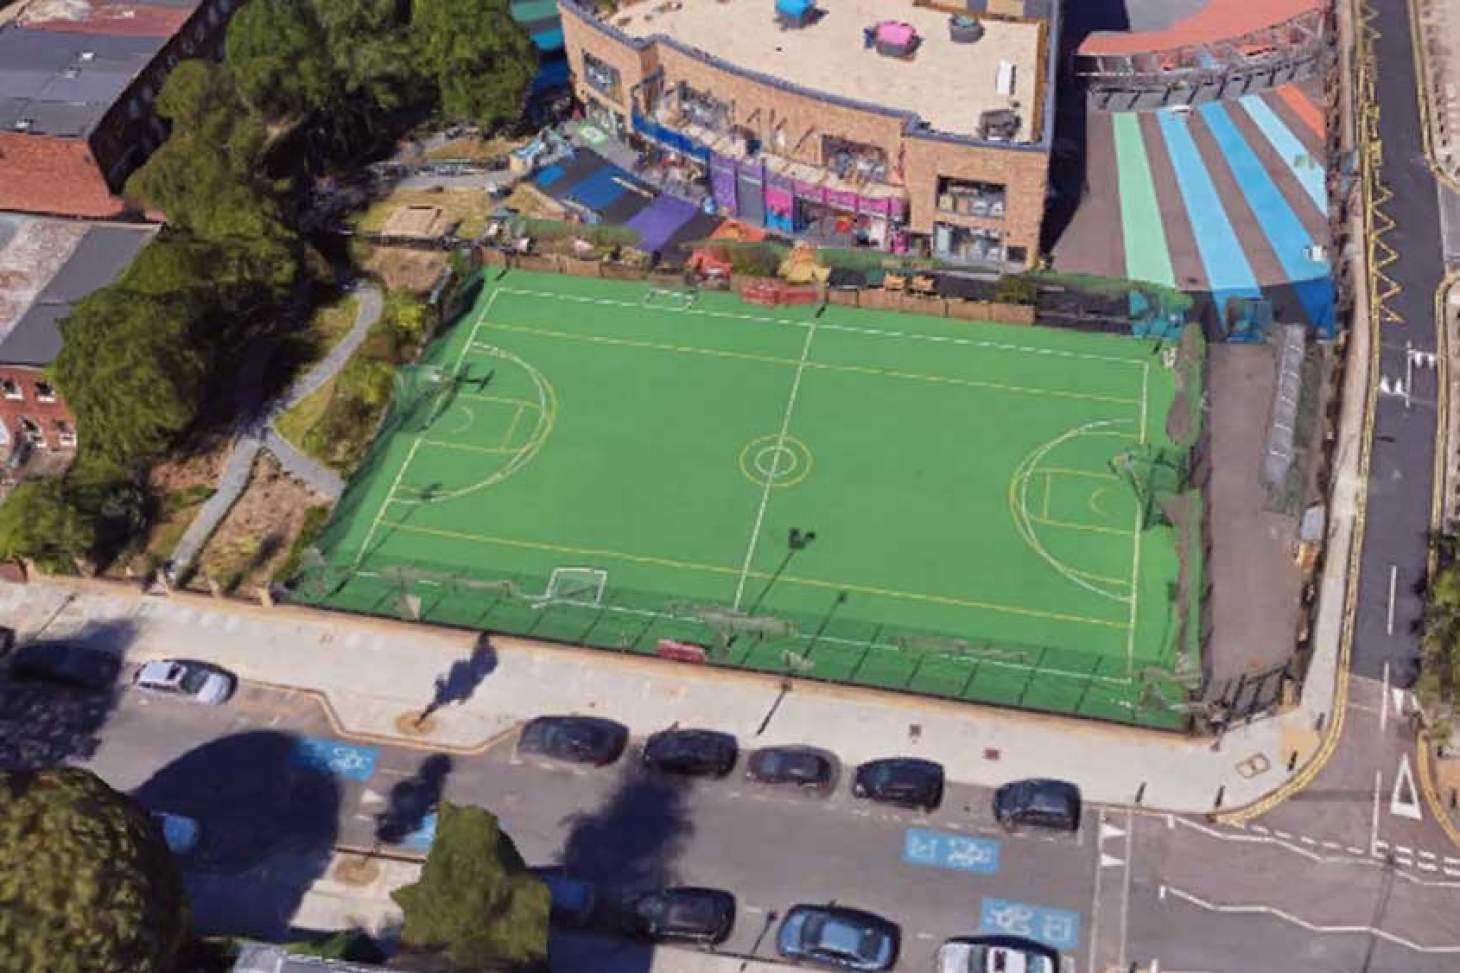 Canary Wharf MUGA 6 a side | Astroturf football pitch